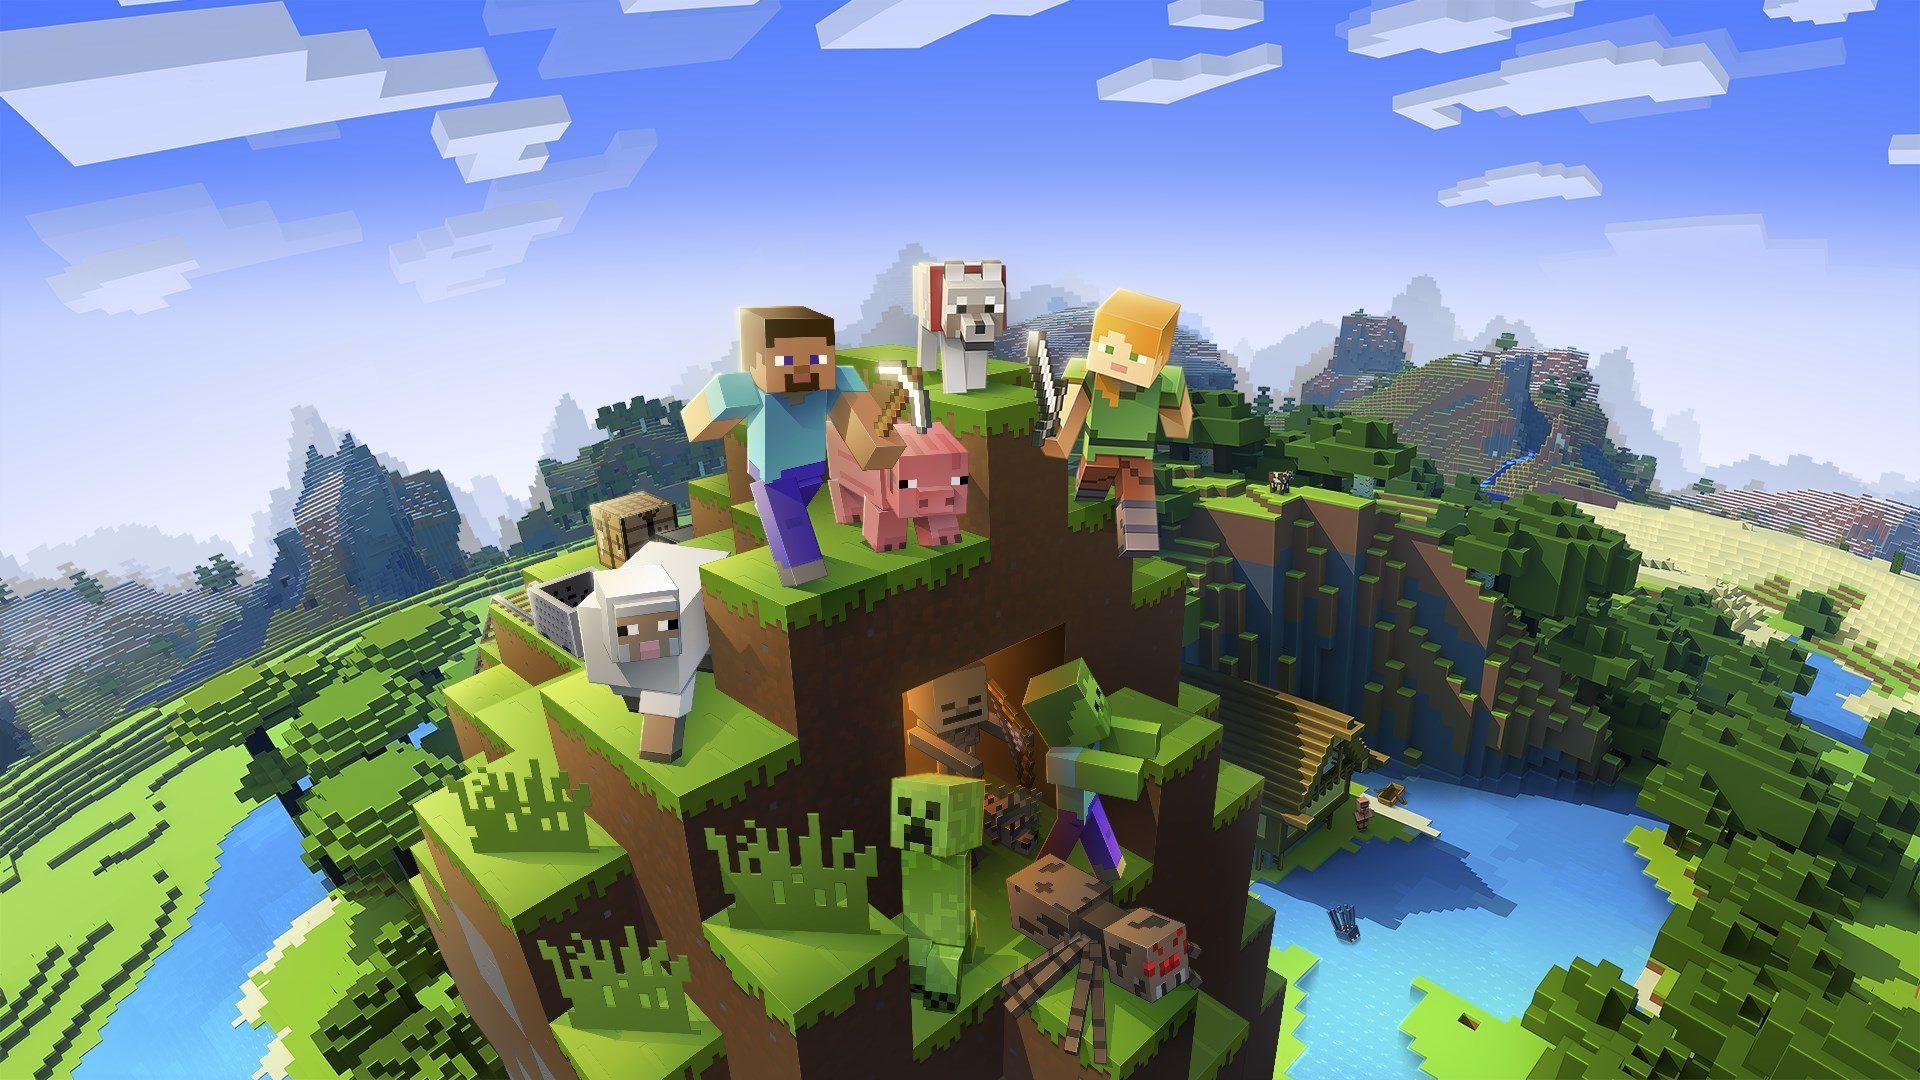 Minecraft Bedrock Wallpapers - Wallpaper Cave